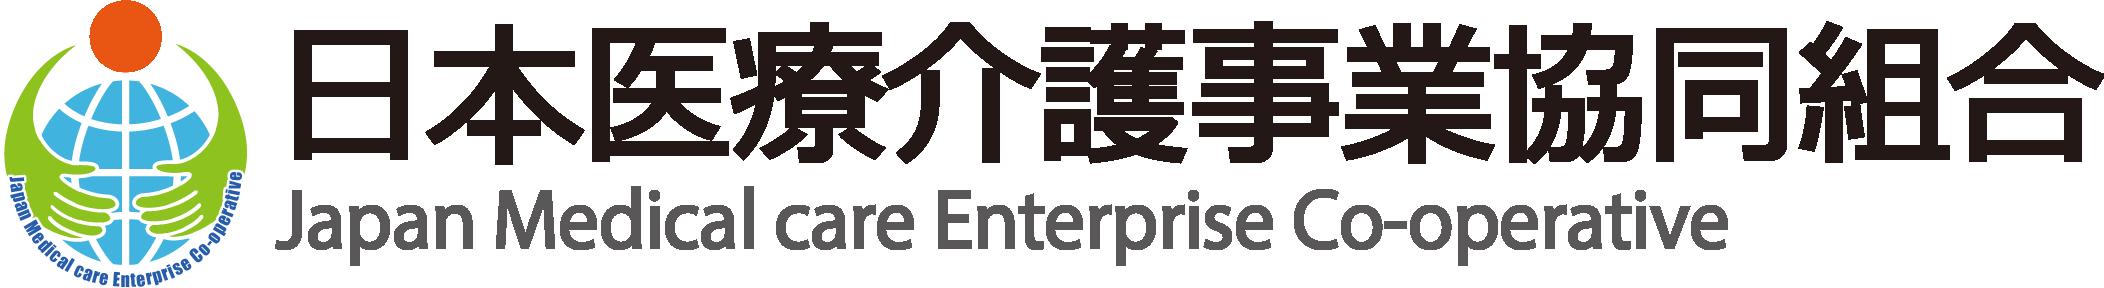 日本医療介護事業協同組合